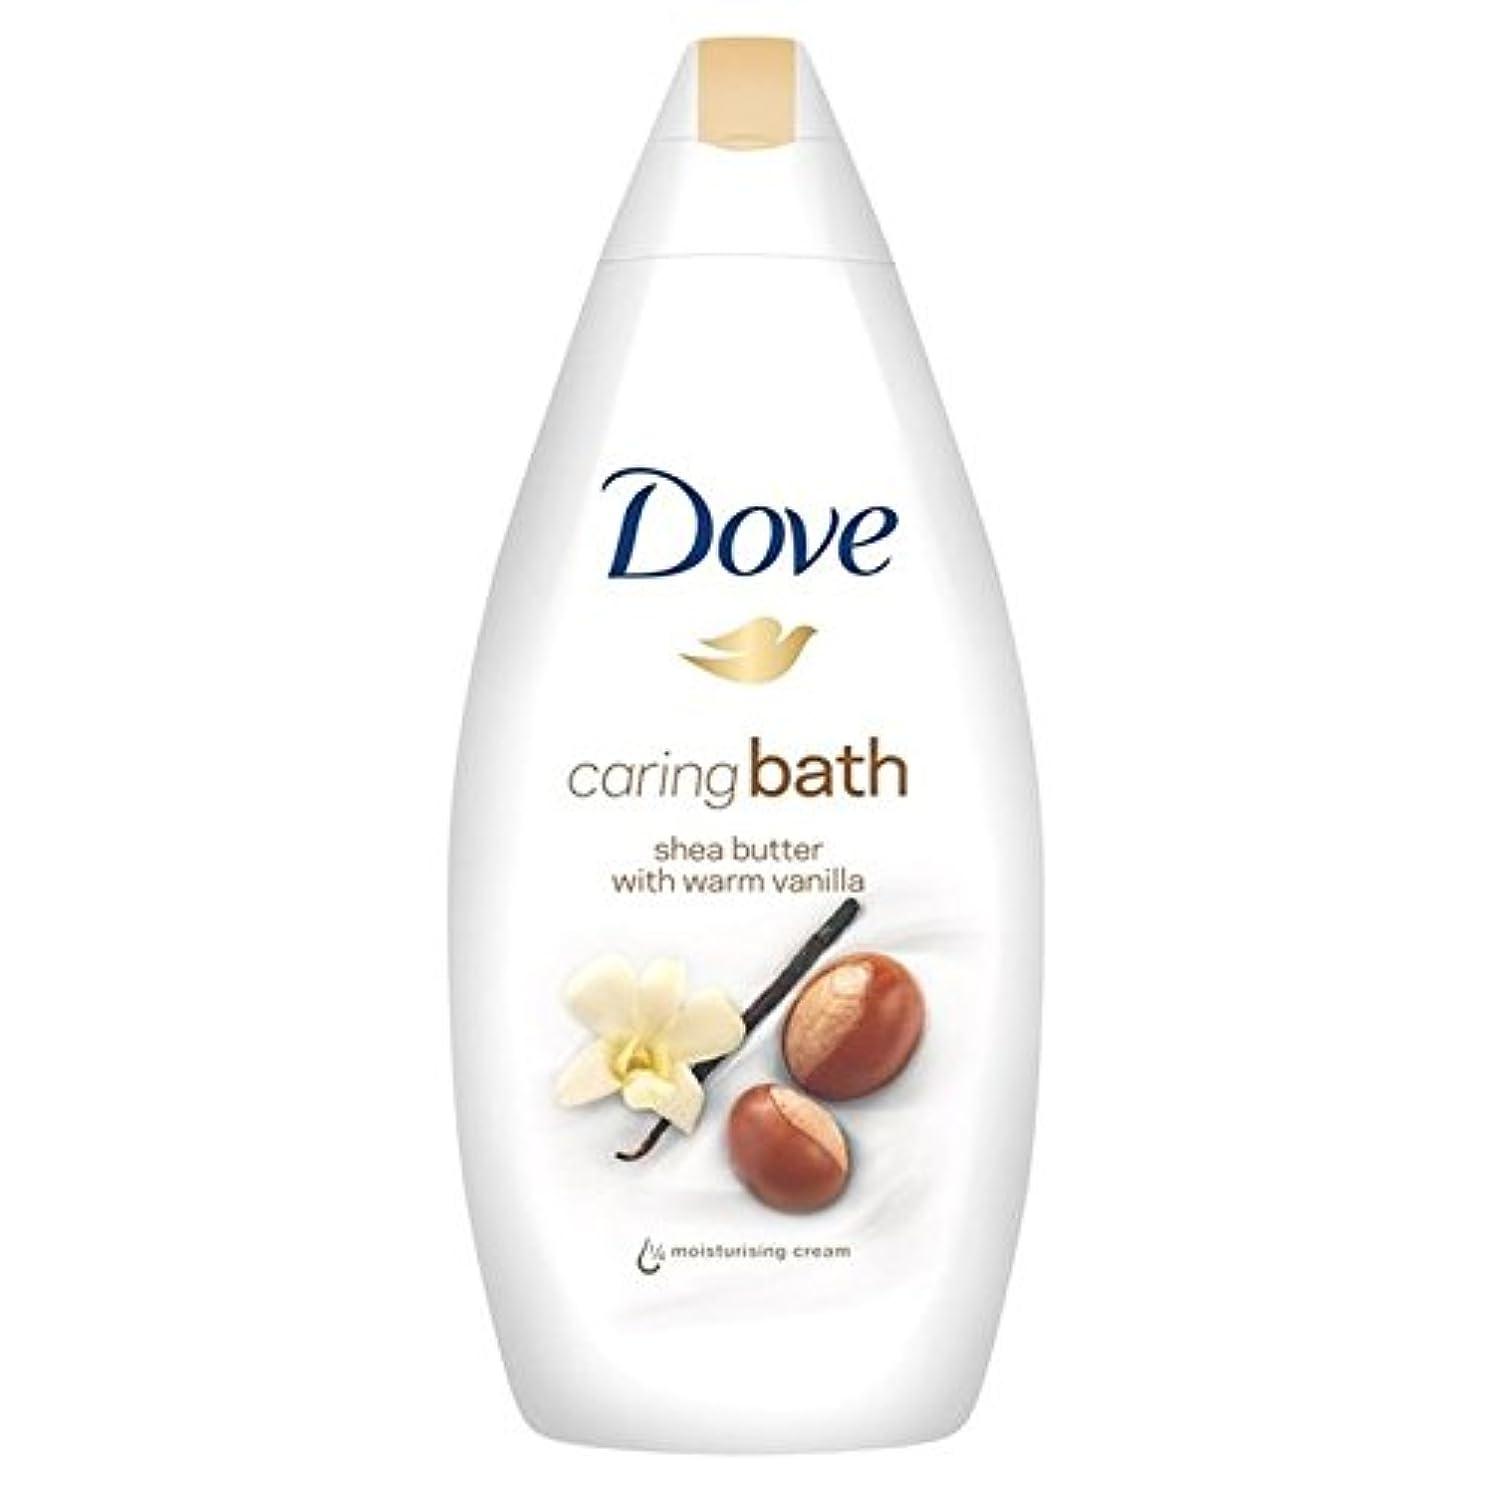 アナロジーエッセイ期限鳩純粋な贅沢シアバター思いやりのあるクリームバス500ミリリットル x4 - Dove Purely Pampering Shea Butter Caring Cream Bath 500ml (Pack of 4) [...